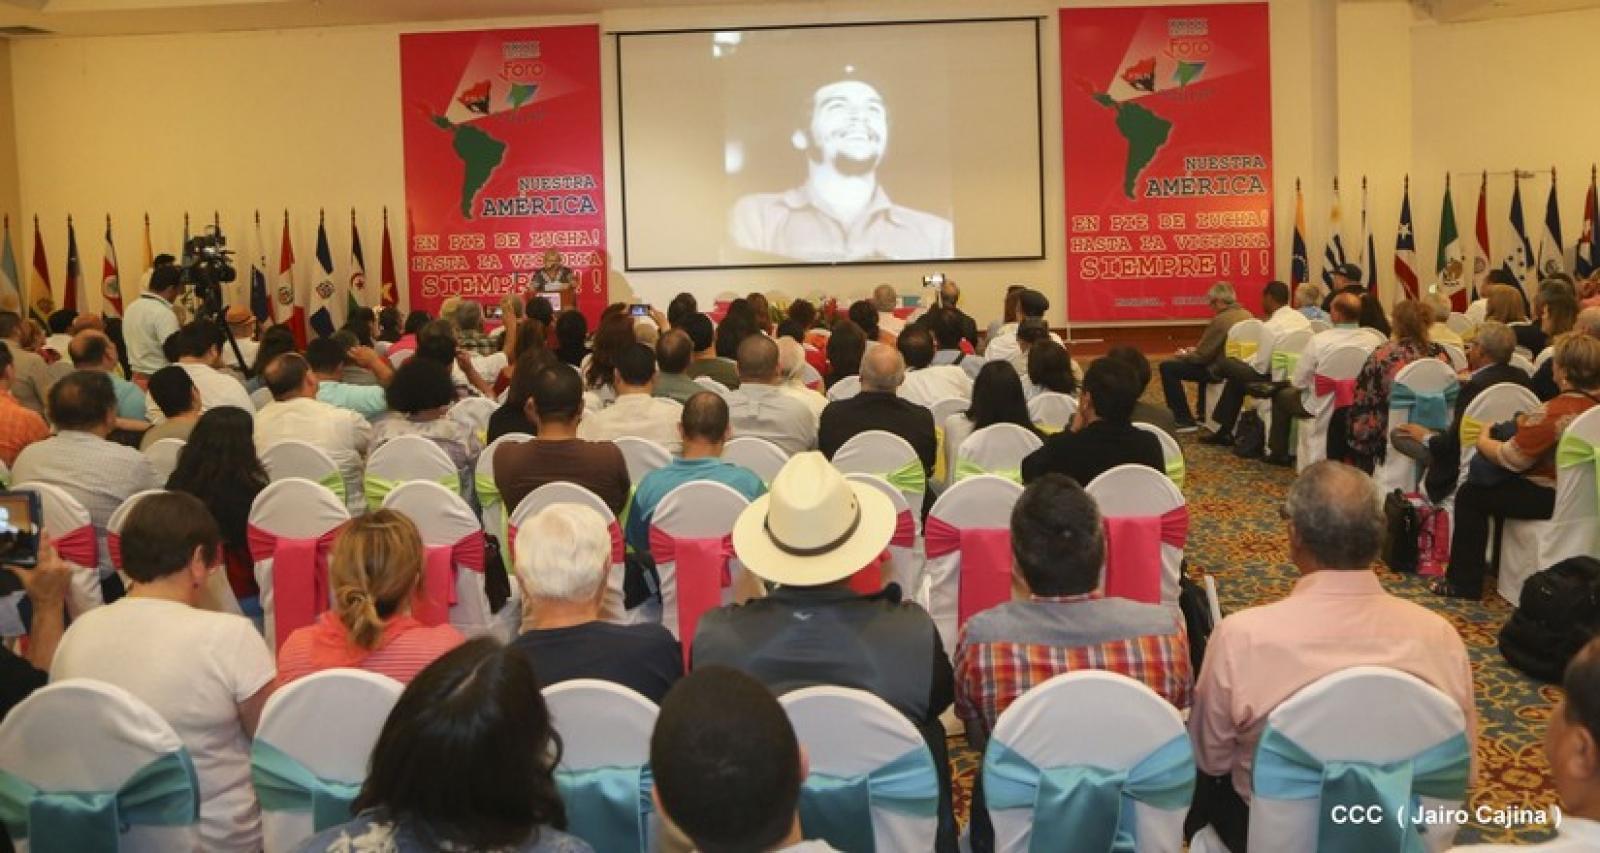 Homenaje al Che, Fidel y Chavez en el Foro de Sao Paulo